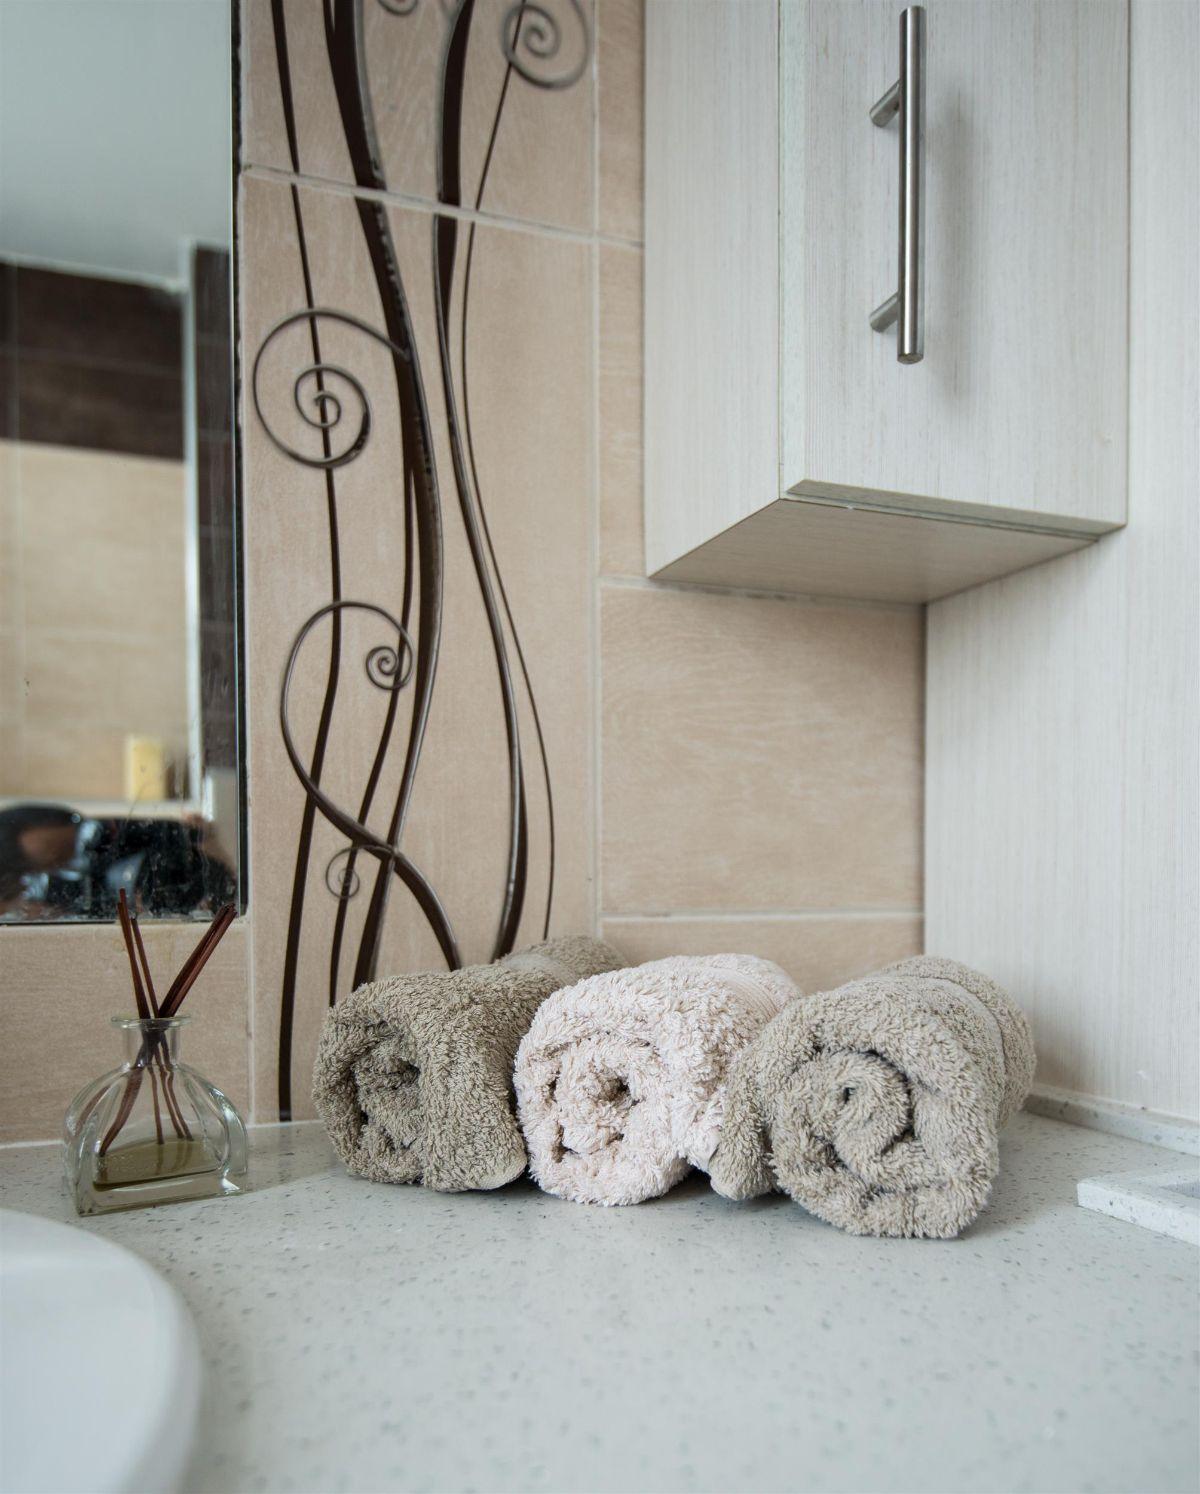 עיצוב פנים חדר אמבטיה | אדריכלות ריהוט לאמבטיה - ריהוט לאמבטיה